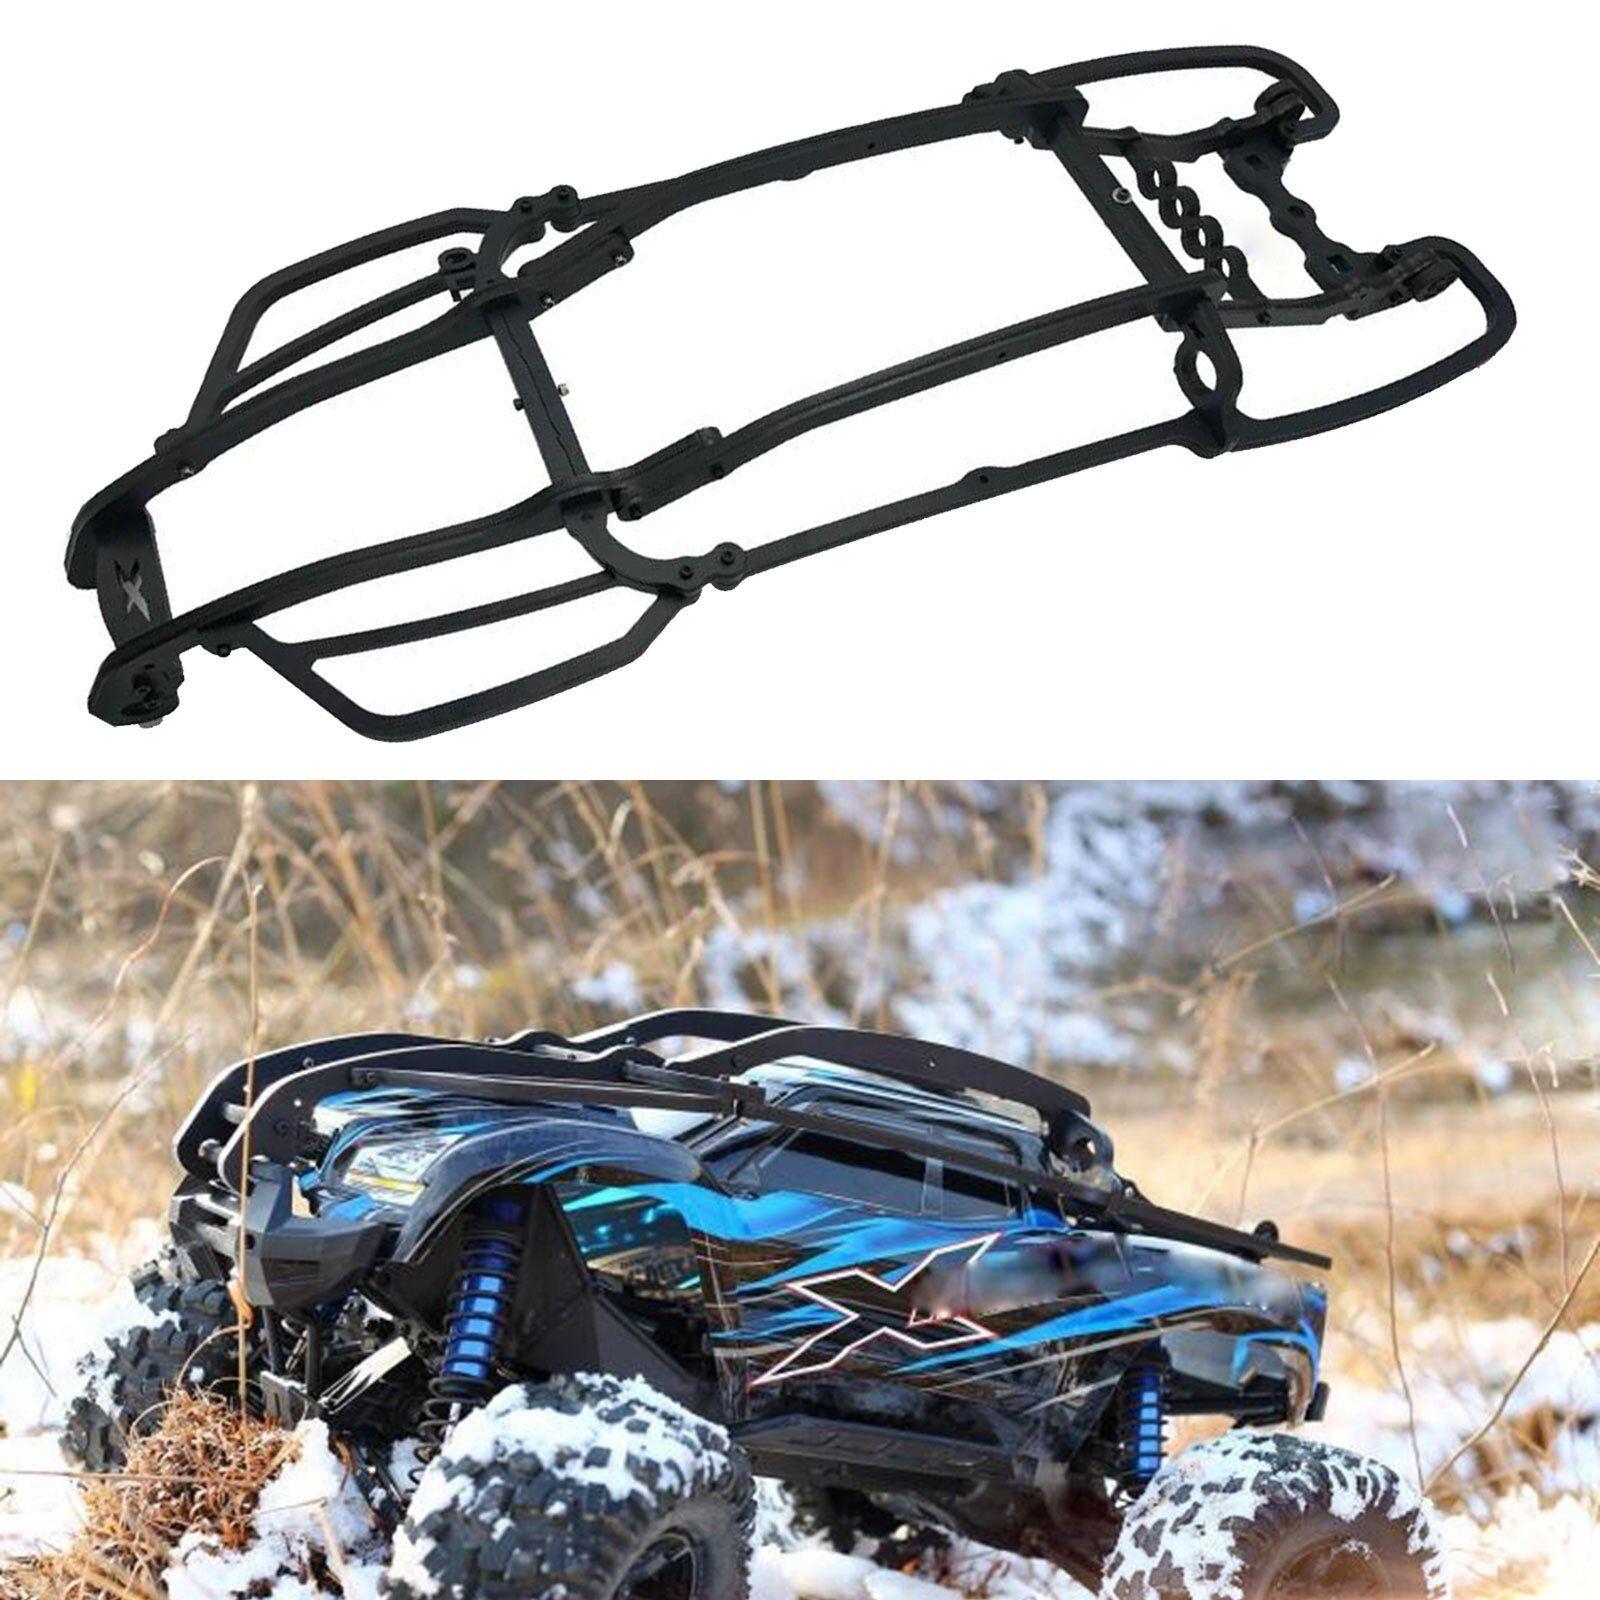 Roll Cage di ribaltamento gabbia Body QUADRO PARAURTI Guard per Traxxas X-MAXX xmaxx